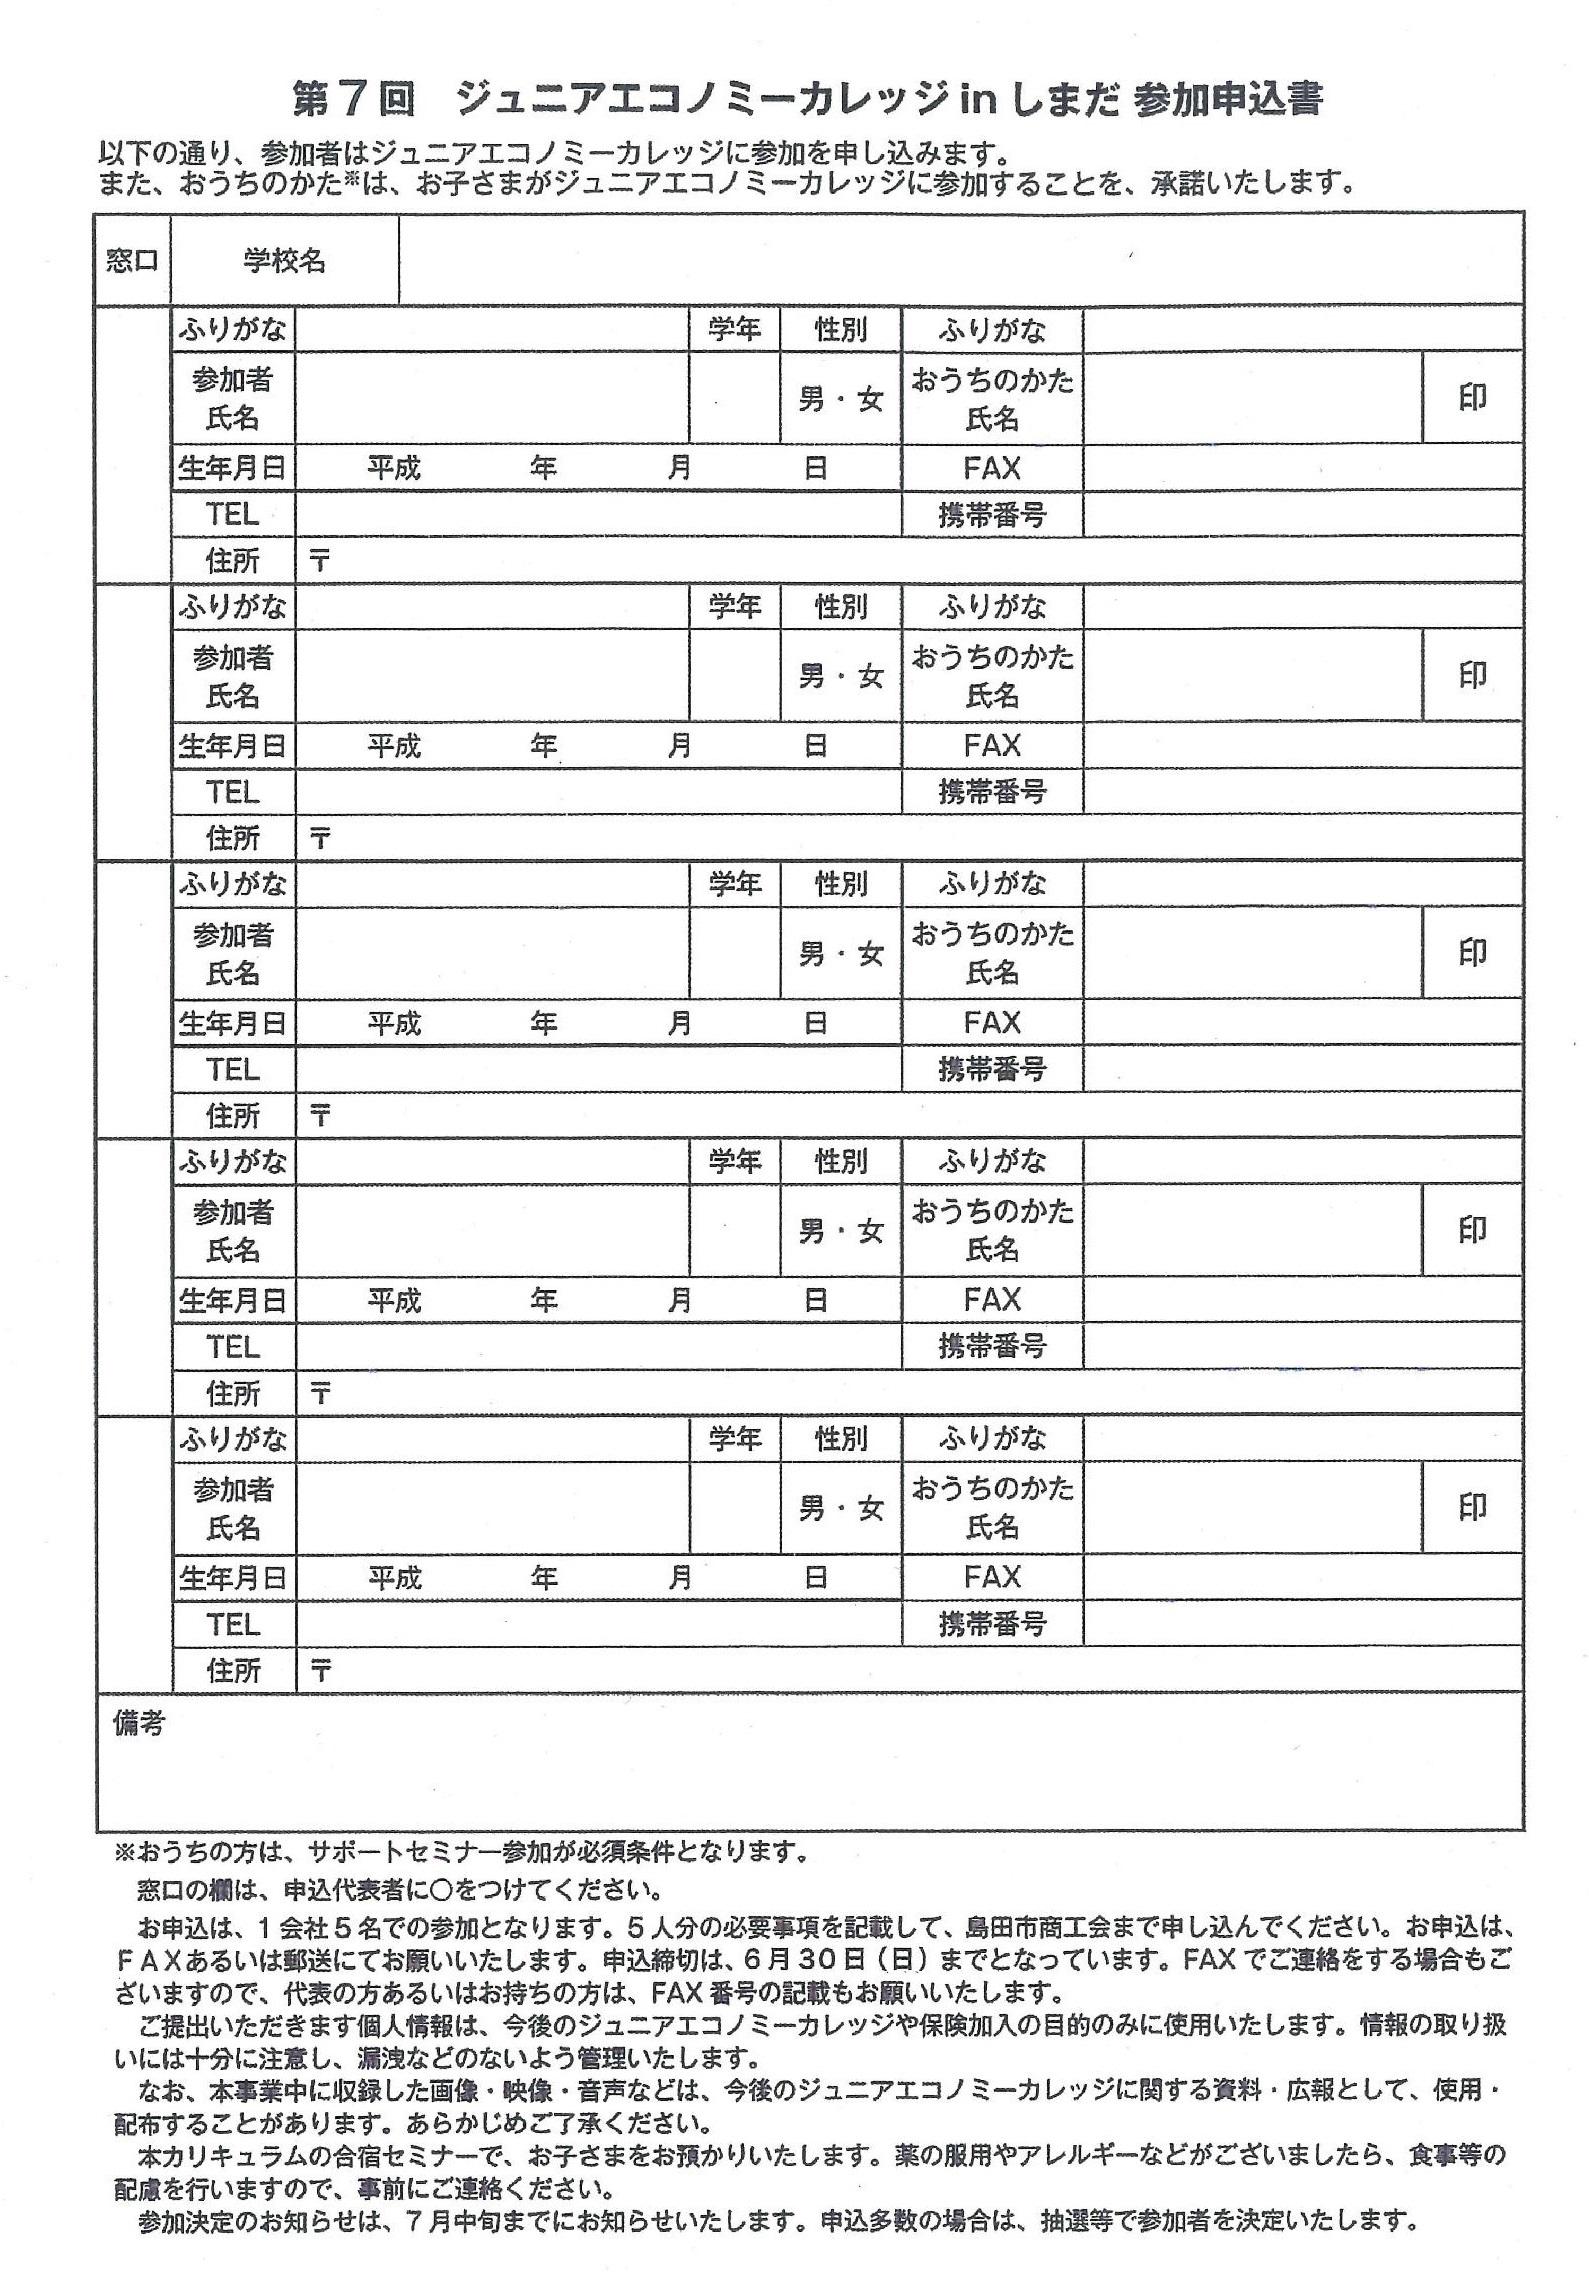 パンフレット・申込用紙-001